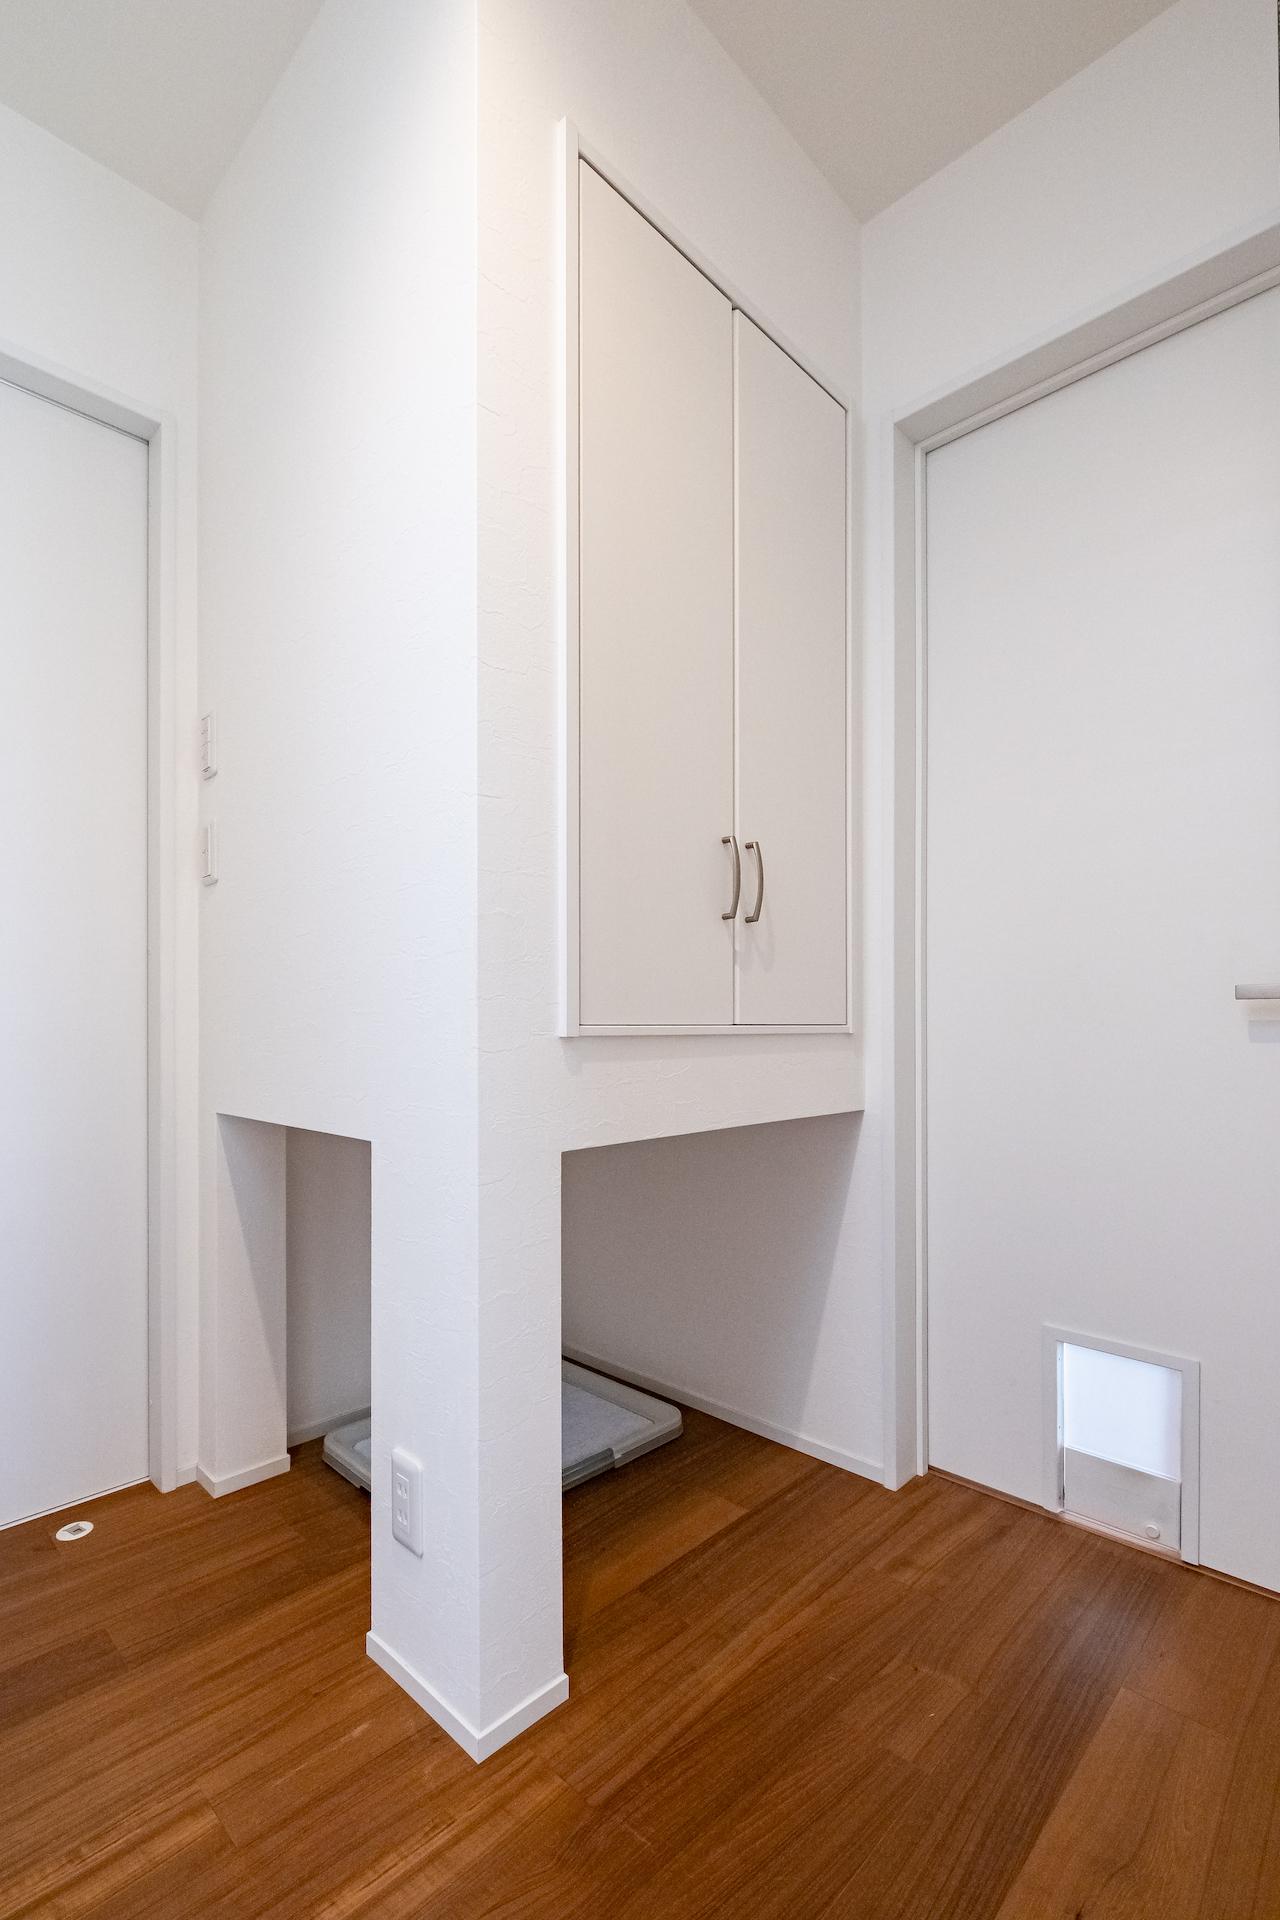 金子工務店/めぐみ不動産(アイフルホーム 沼津店)【デザイン住宅、間取り、ペット】廊下の一角に設けられたワンちゃんのトイレスペース。上部の収納にはえさやグッズが収納できる。写真右下のドアはLDKへの通り道